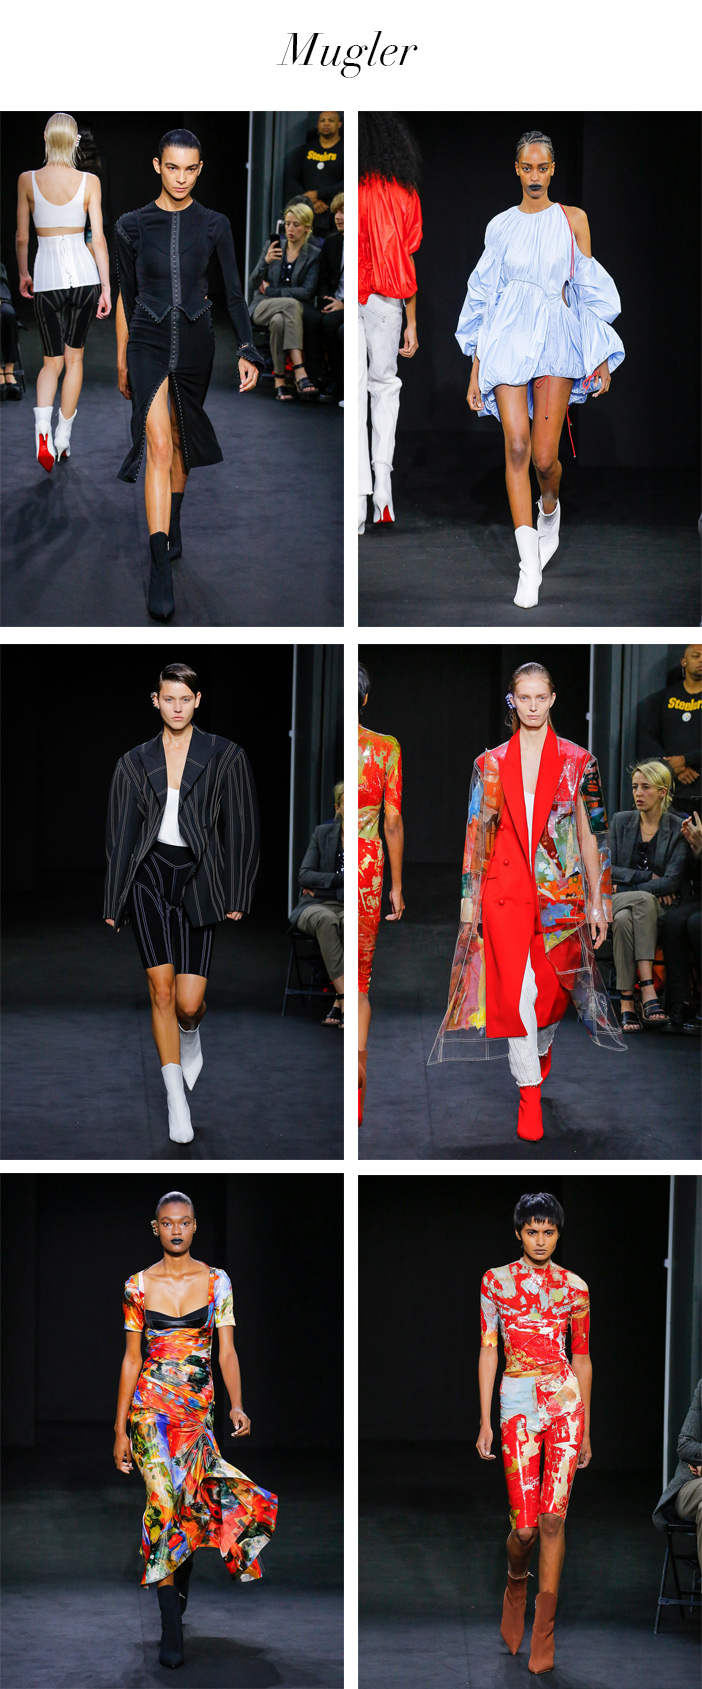 Semana de Moda de Paris - Verão 2018 - Mugler